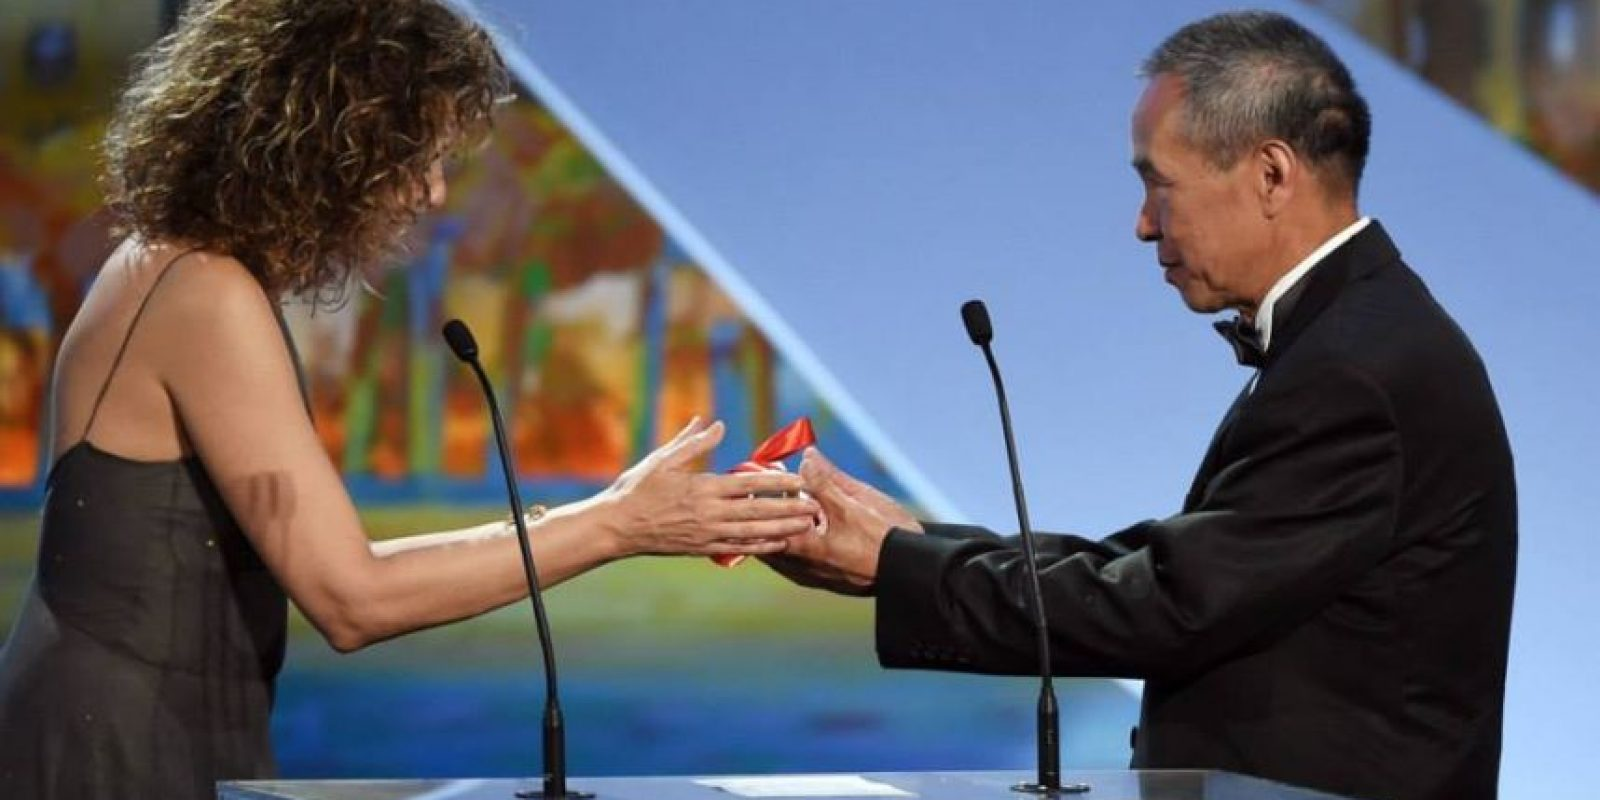 """El director Hou Hsiao-Hsien, de Taiwán, se llevó el premio de """"Mejor director"""". Foto:vía facebook.com/Festival-de-Cannes-Page-Officielle"""